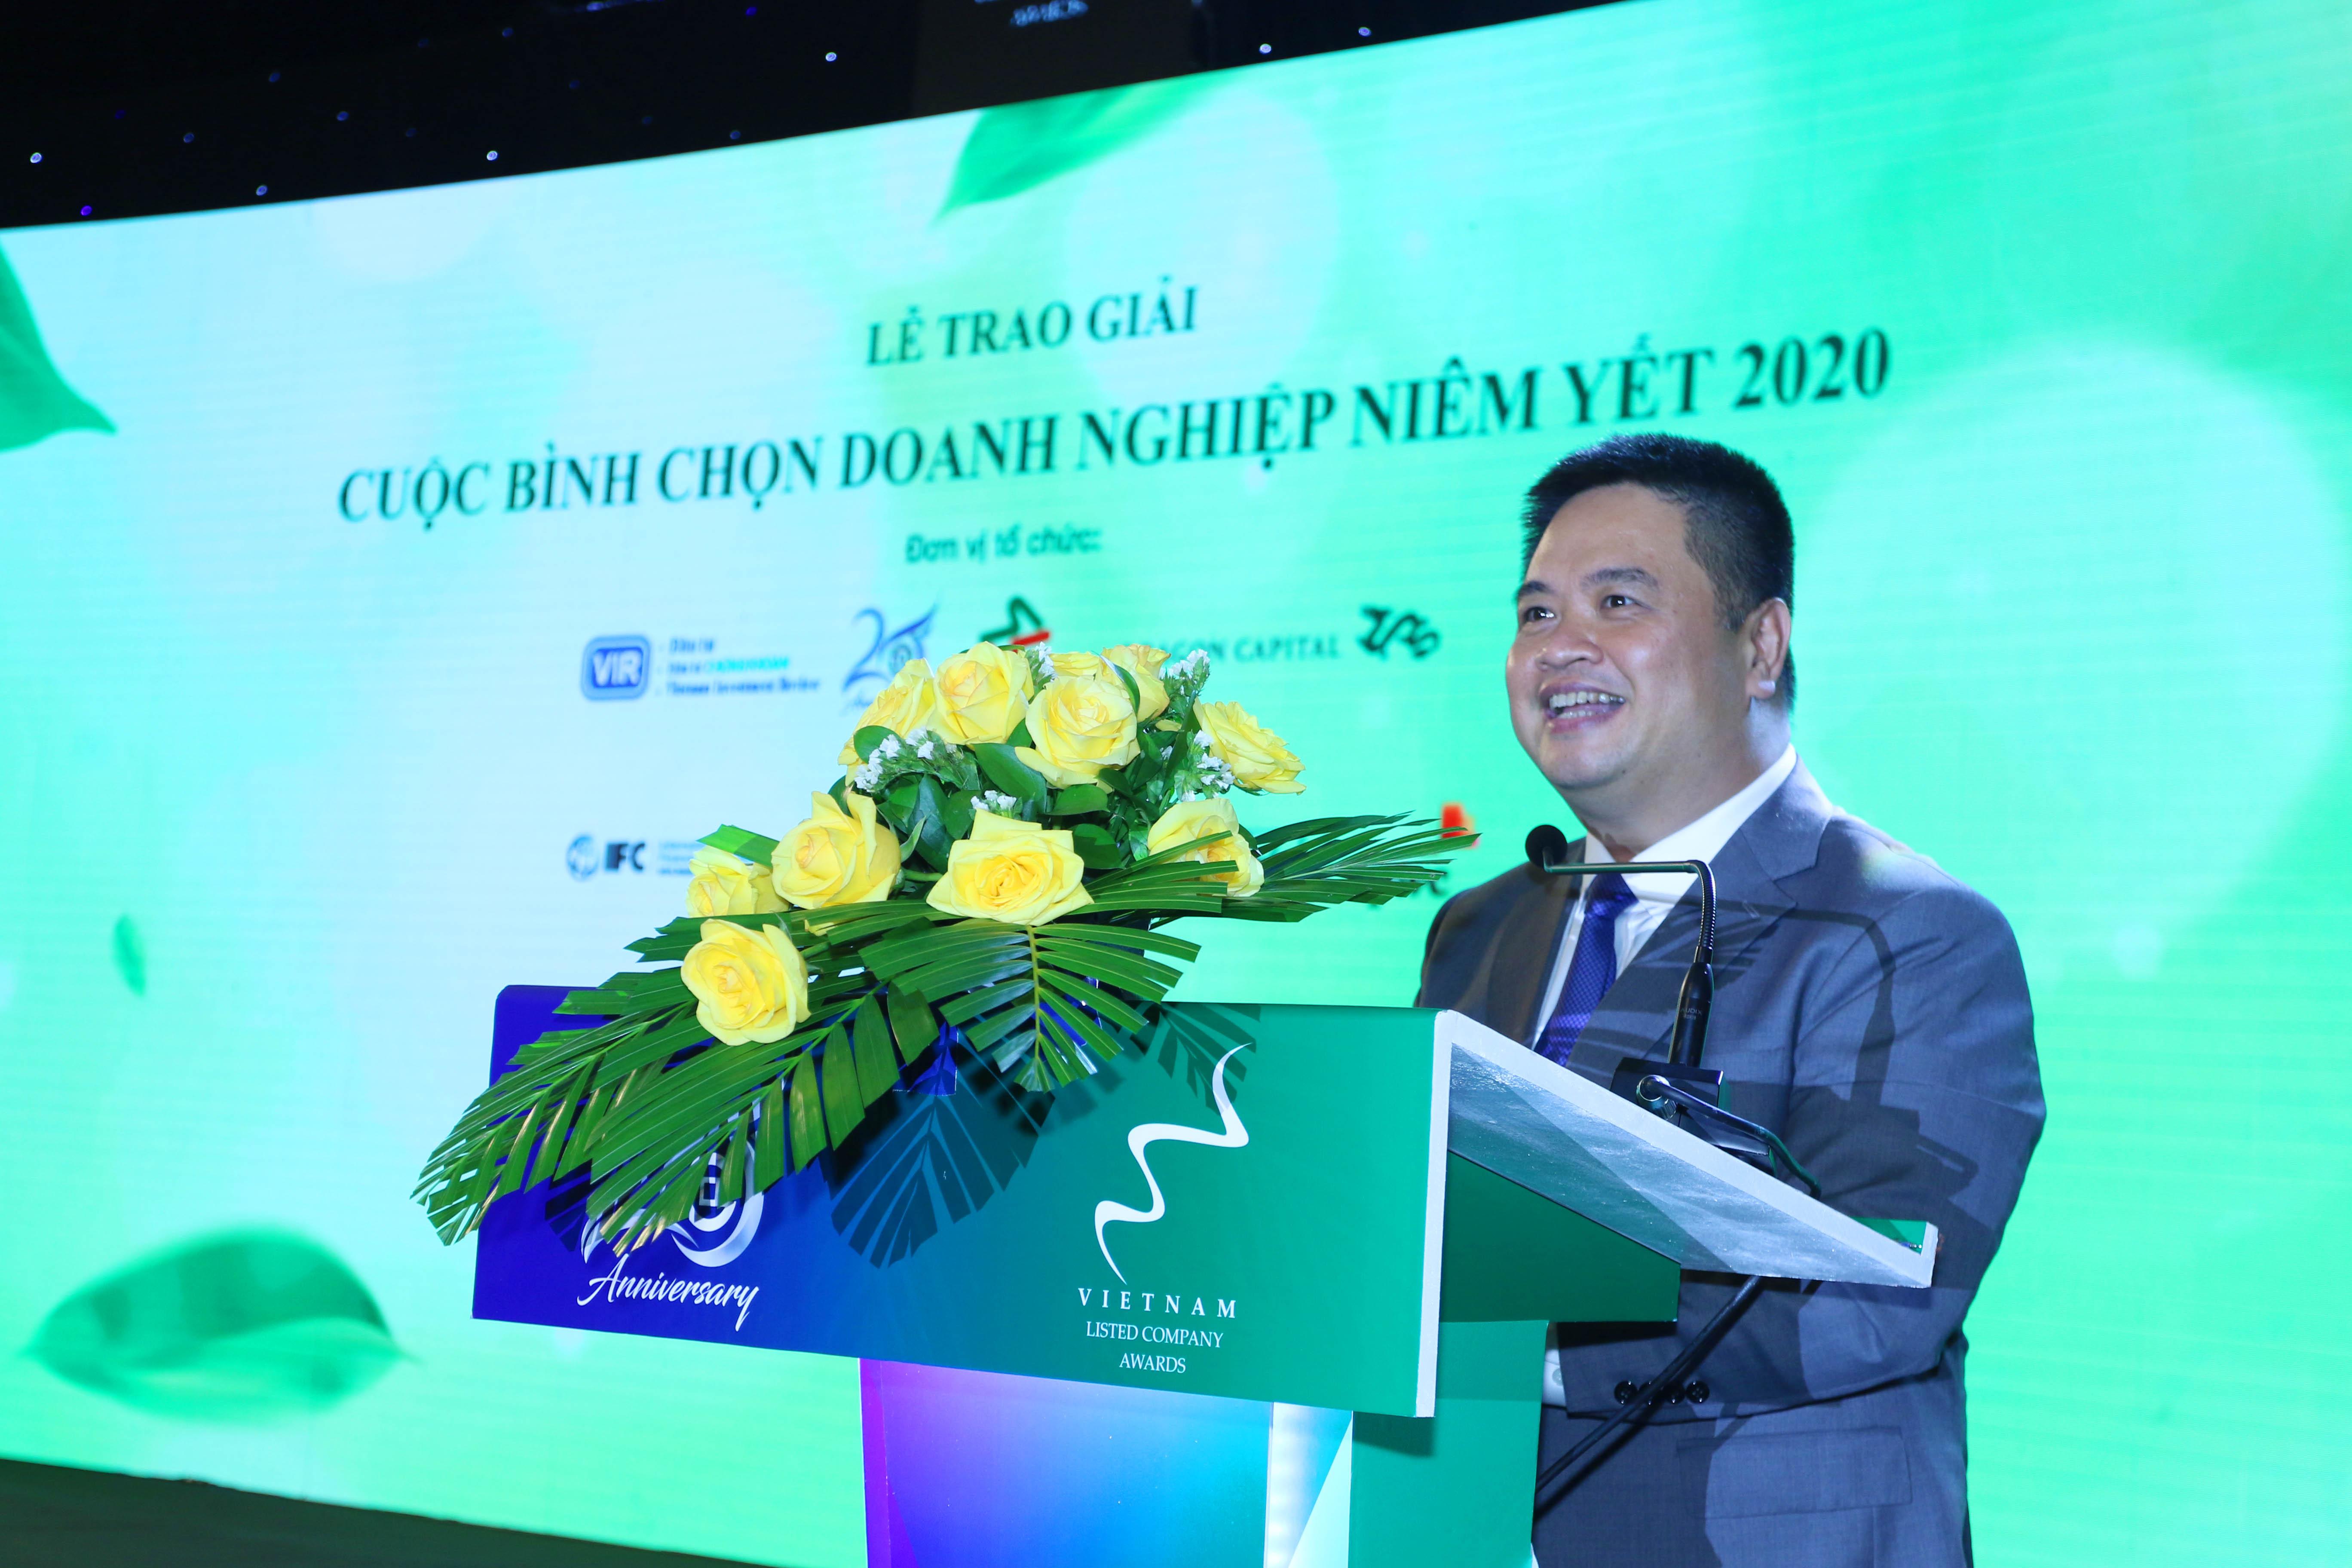 https://www.aravietnam.vn/wp-content/uploads/2020/12/66_Ông-Nguyễn-Vũ-Quang-Trung_-Phó-TGD-phụ-trách-Ban-diều-hành-Sở-Giao-dịch-Chứng-khoán-TPHCM-phát-biểu-cám-ơn-.jpg